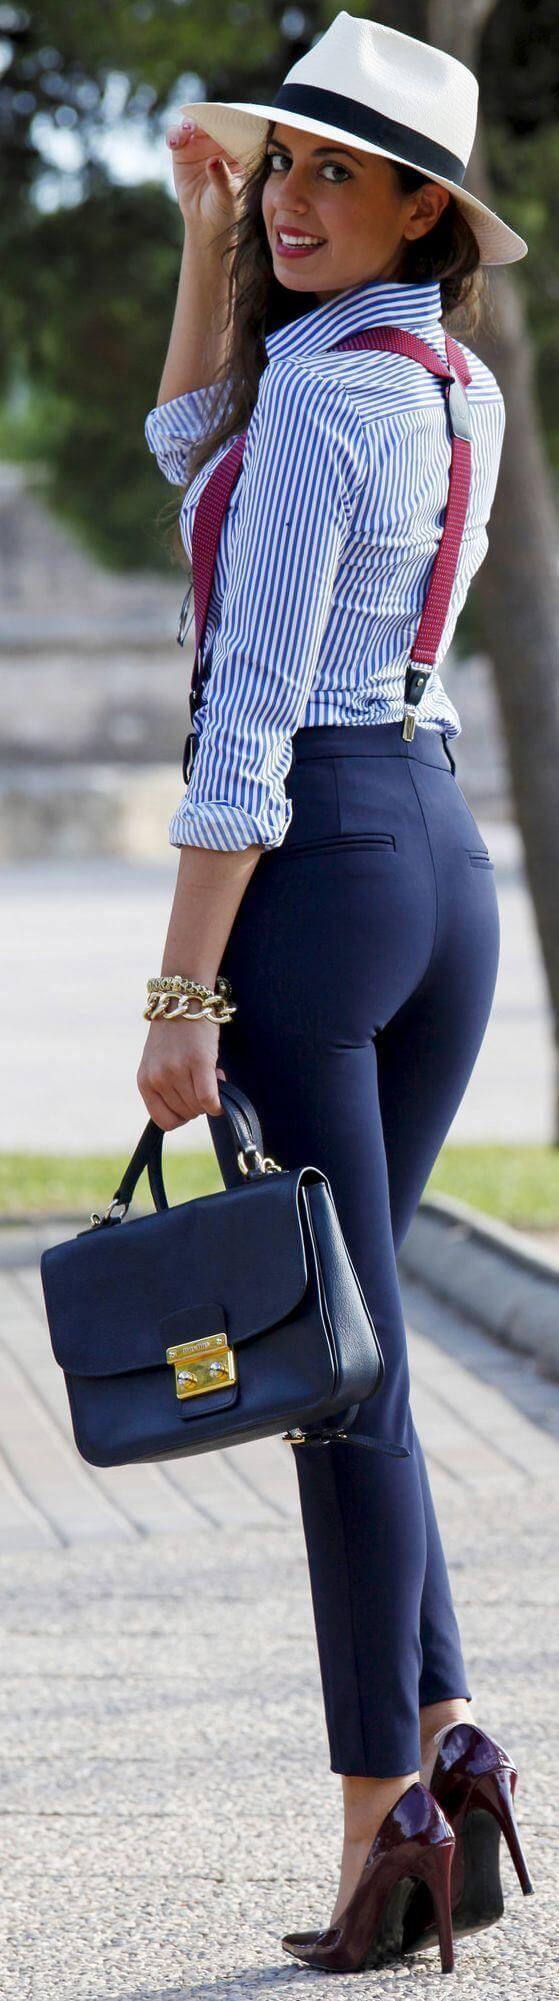 Офисный лук 2017: синие брюки с полосатой рубашкой и туфлями на каблуках